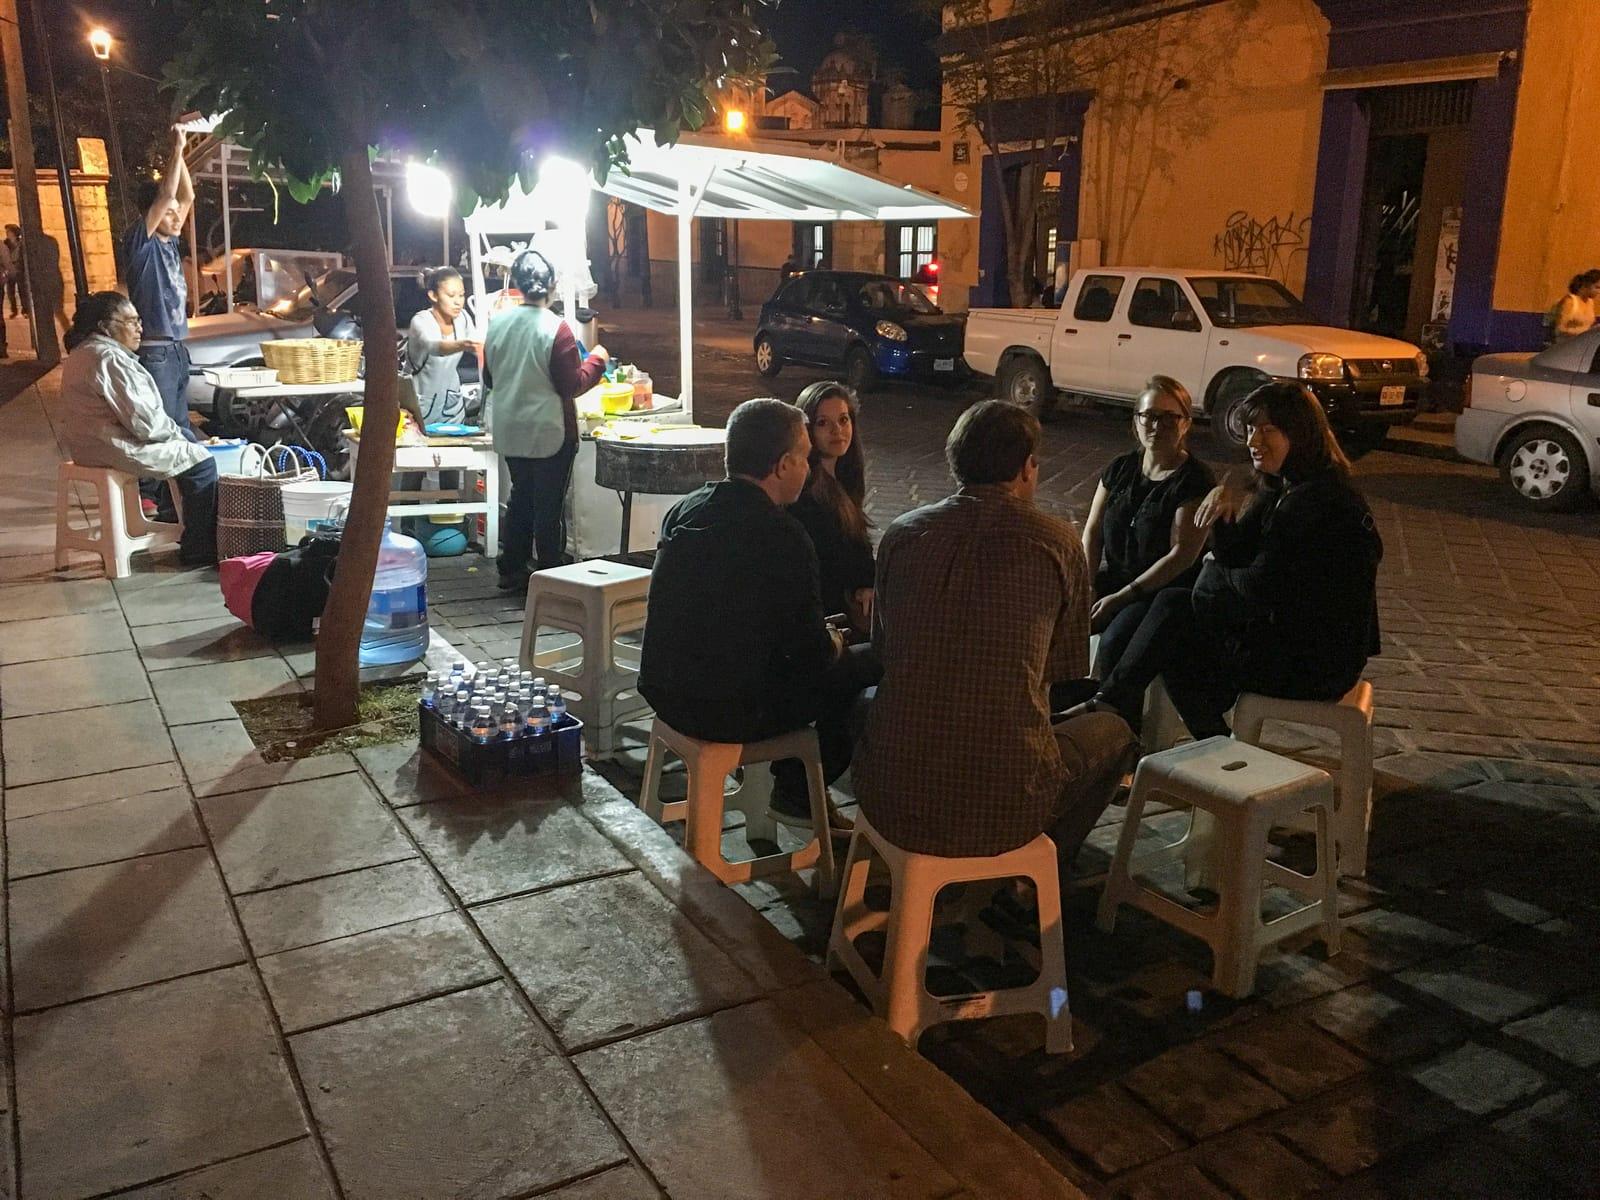 Street dining in Oaxaca